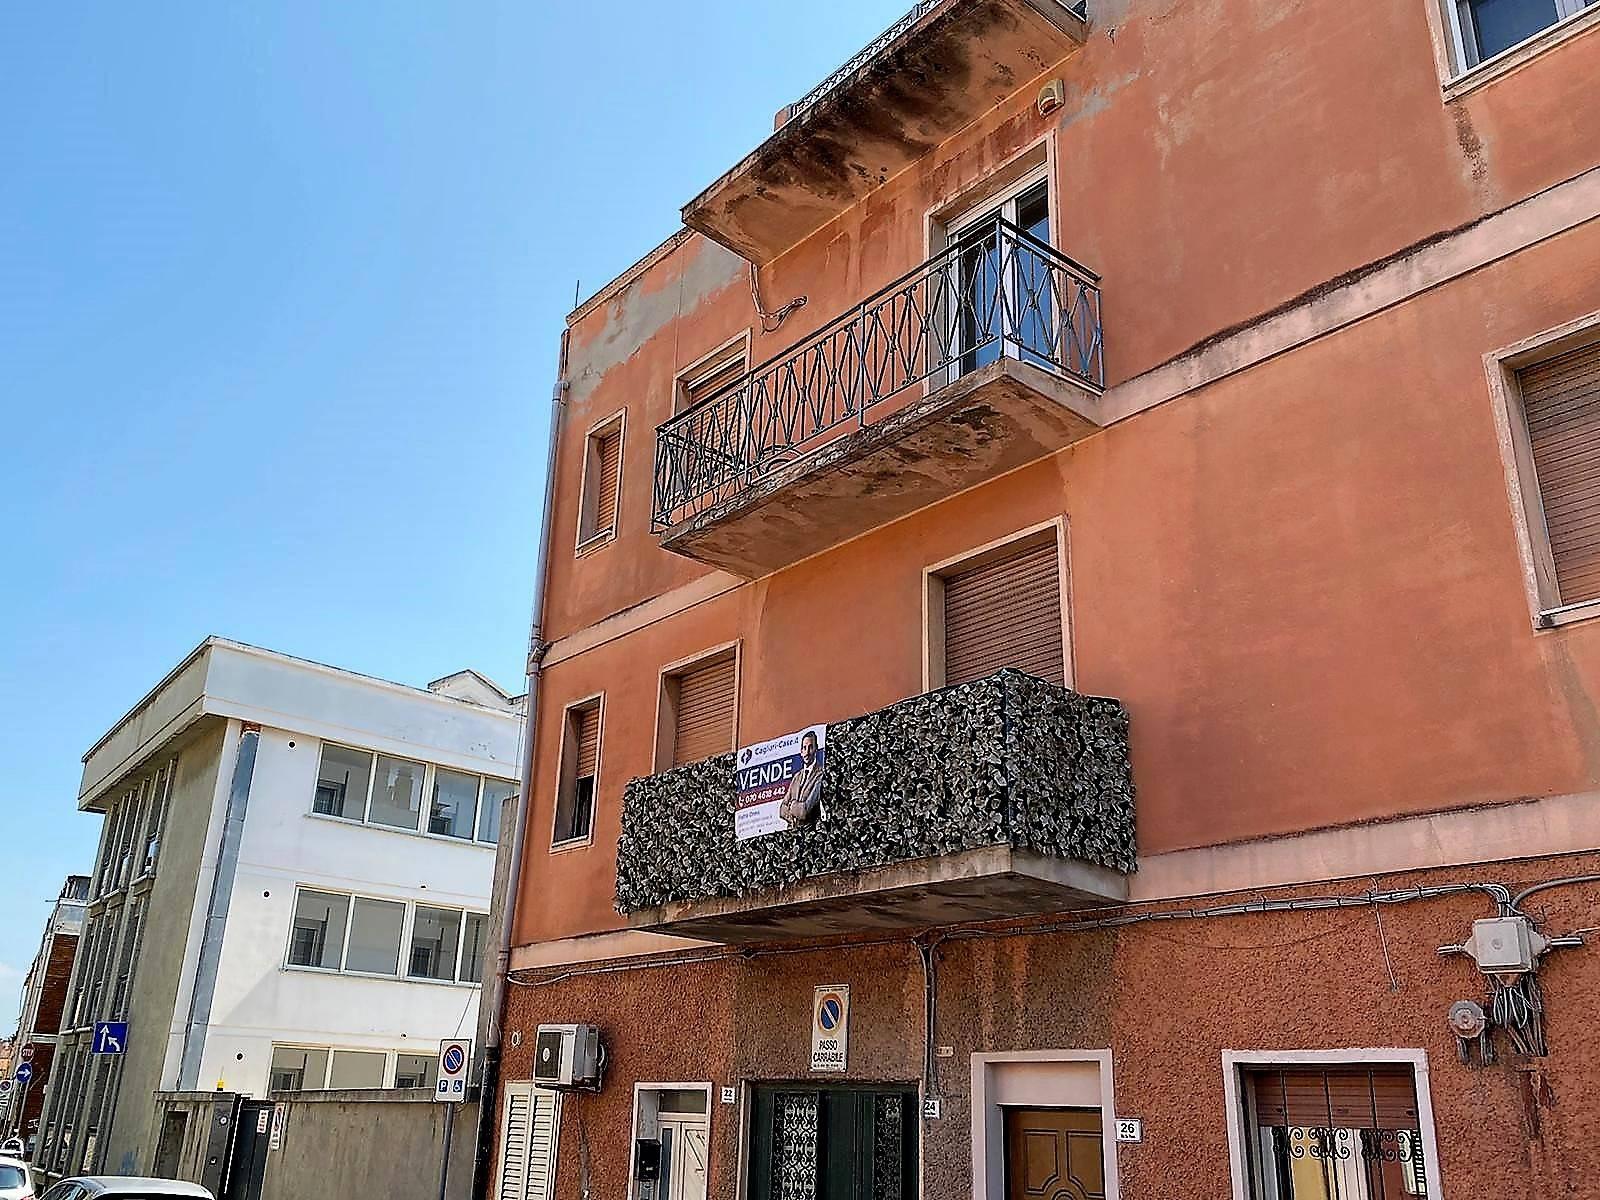 Appartamento in vendita a Cagliari, 3 locali, zona Zona: Pirri, prezzo € 105.000 | CambioCasa.it